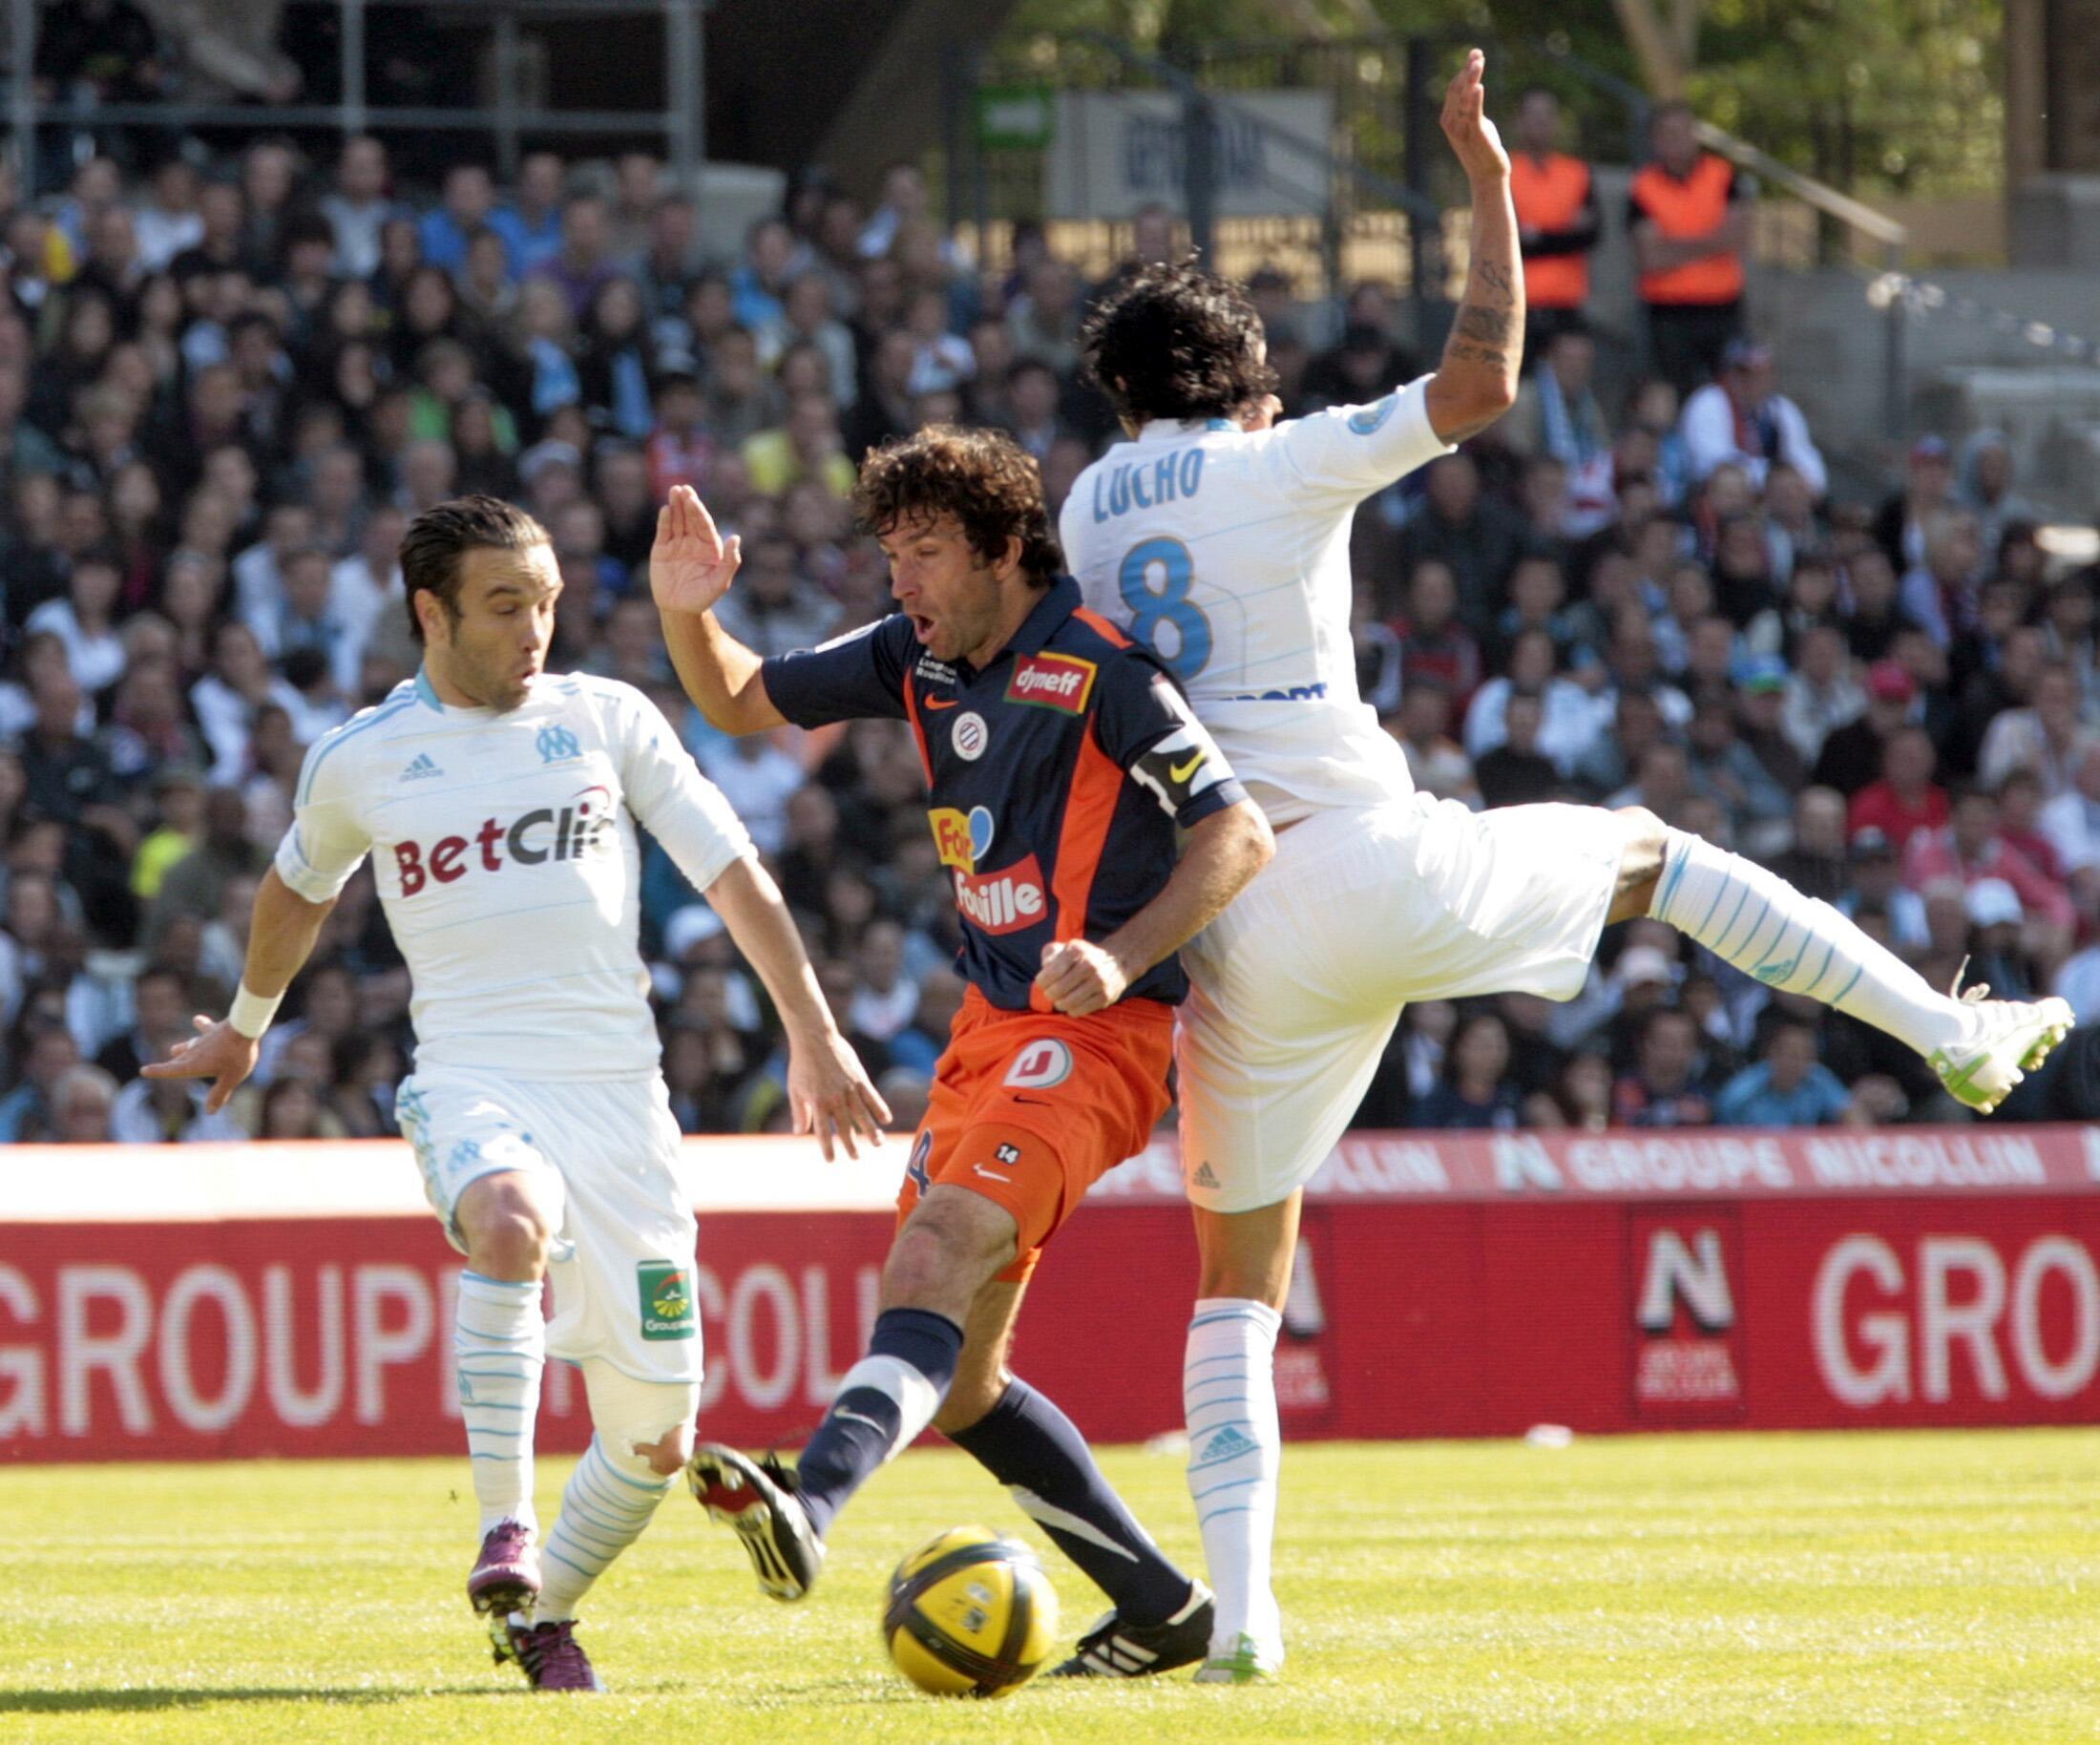 Romain Pitau (Montpellier) à la lutte avec Lucho et Mathieu Valbuena (Marseille) lors du match de Ligue 1 du 17 avril 2011.